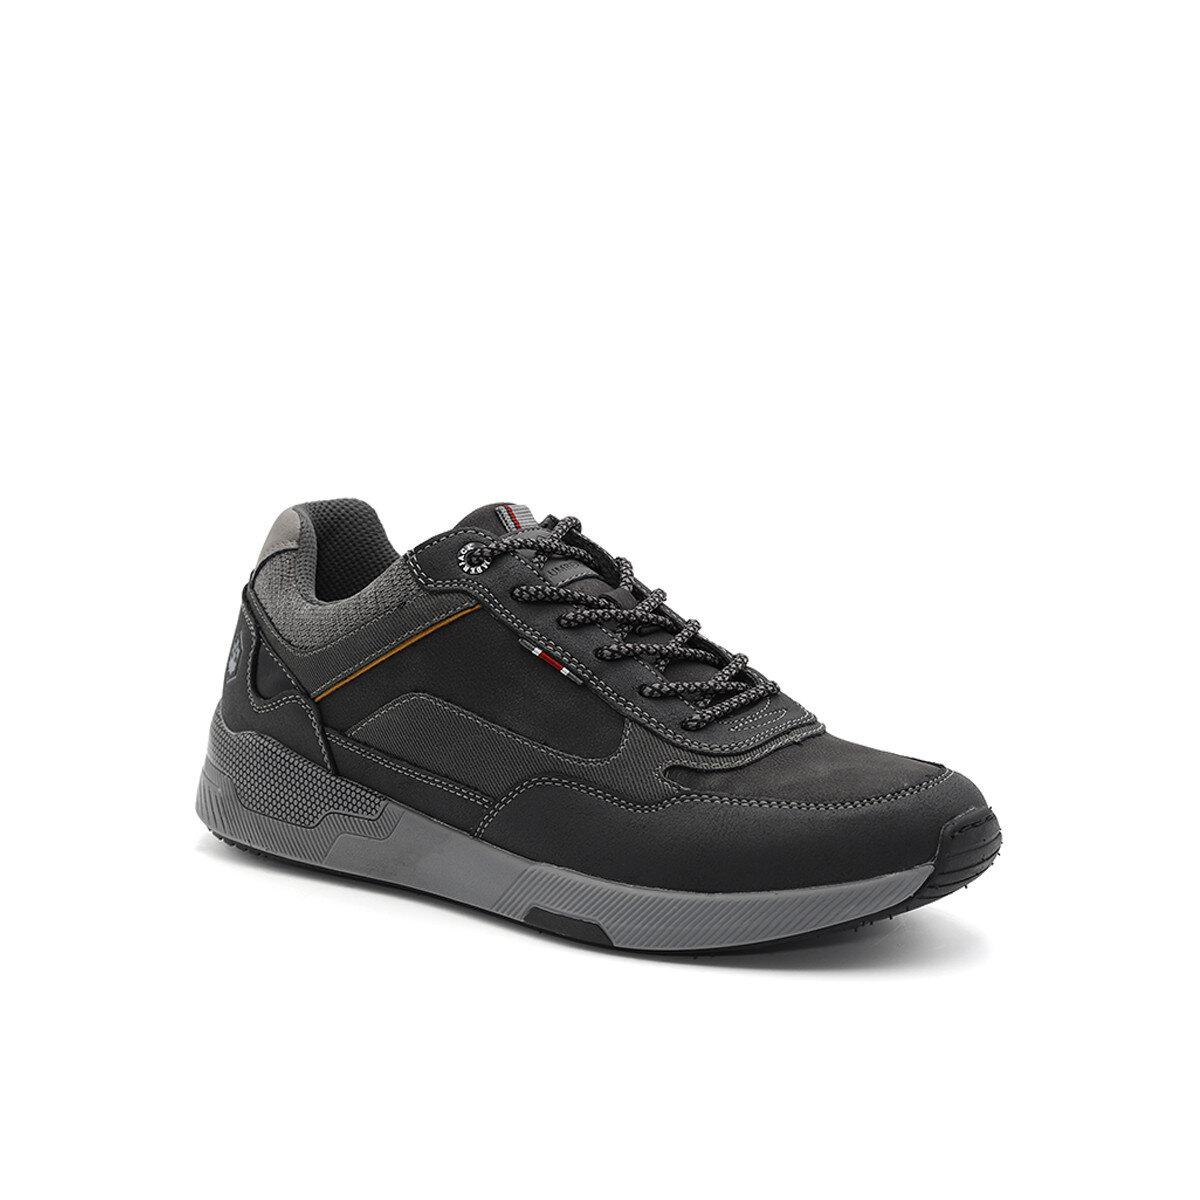 AUSTIN Sneakers Uomo